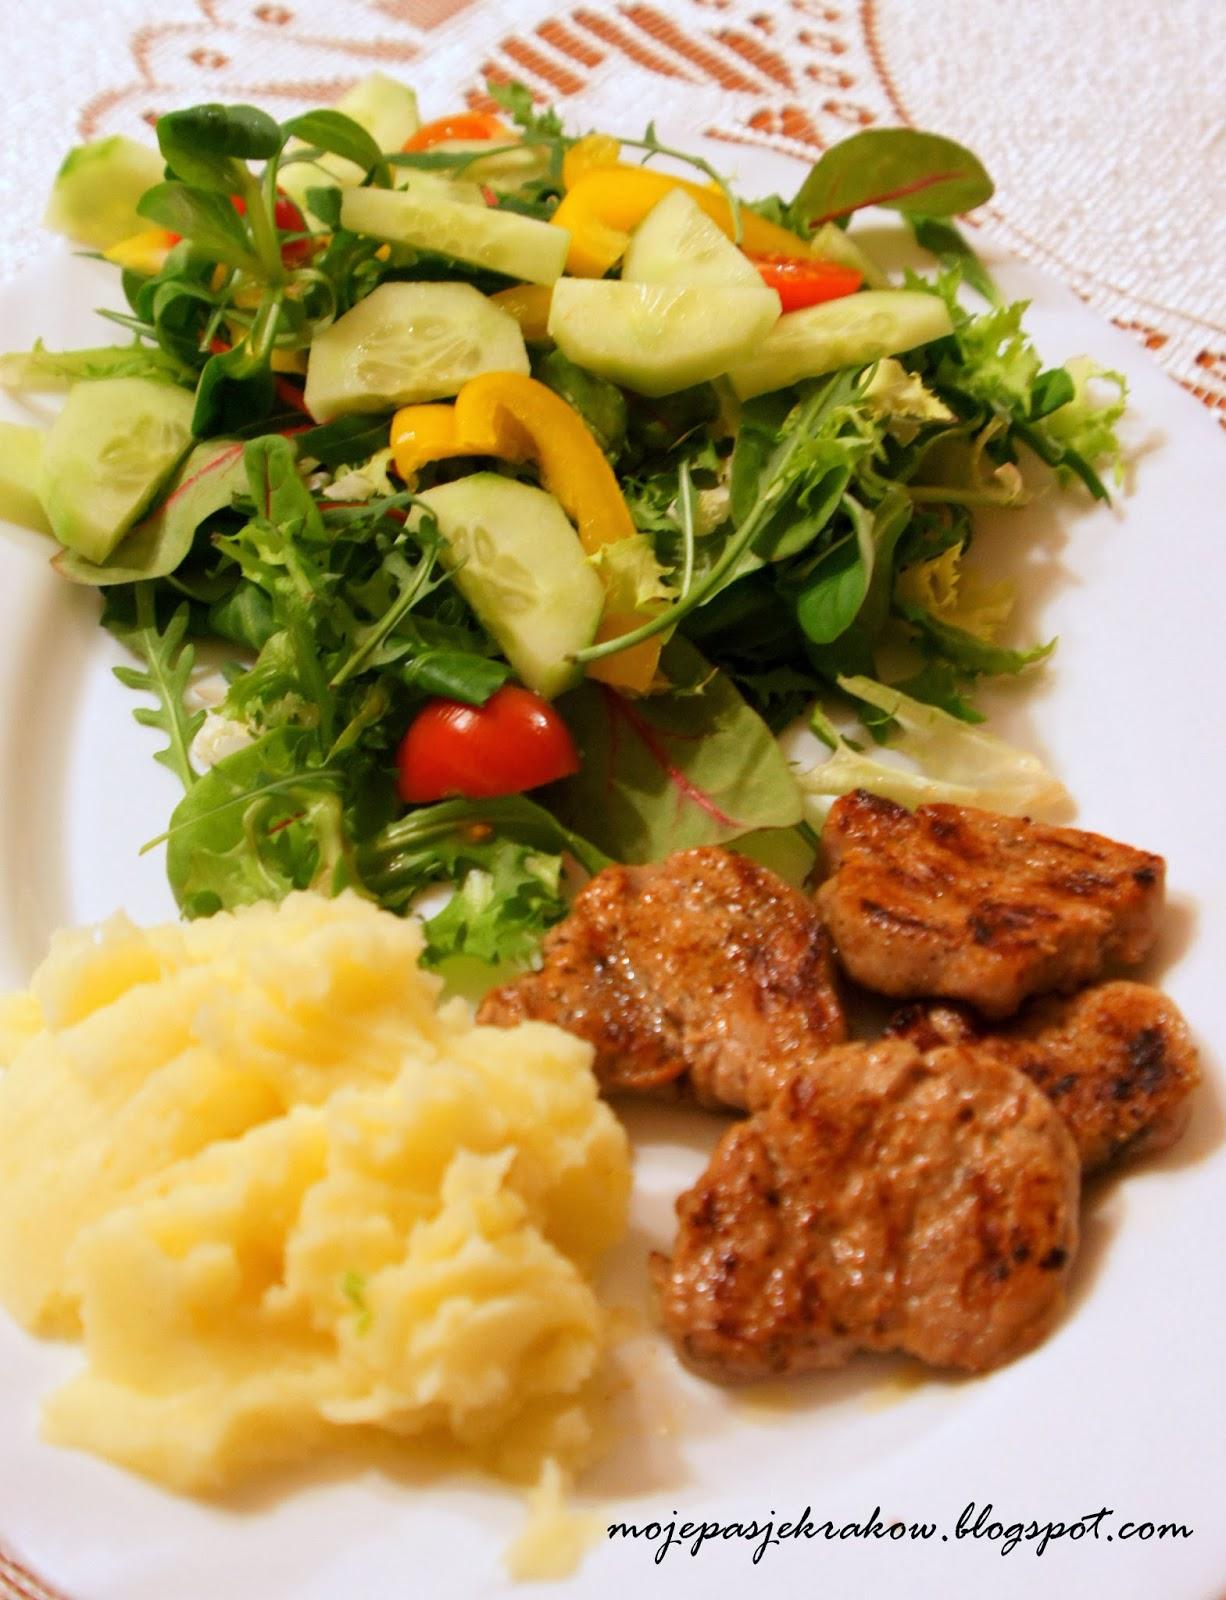 http://www.mojepasjekrakow.blogspot.com/2014/03/poledwica-z-ziemniakami-i-saatka-dieta.html